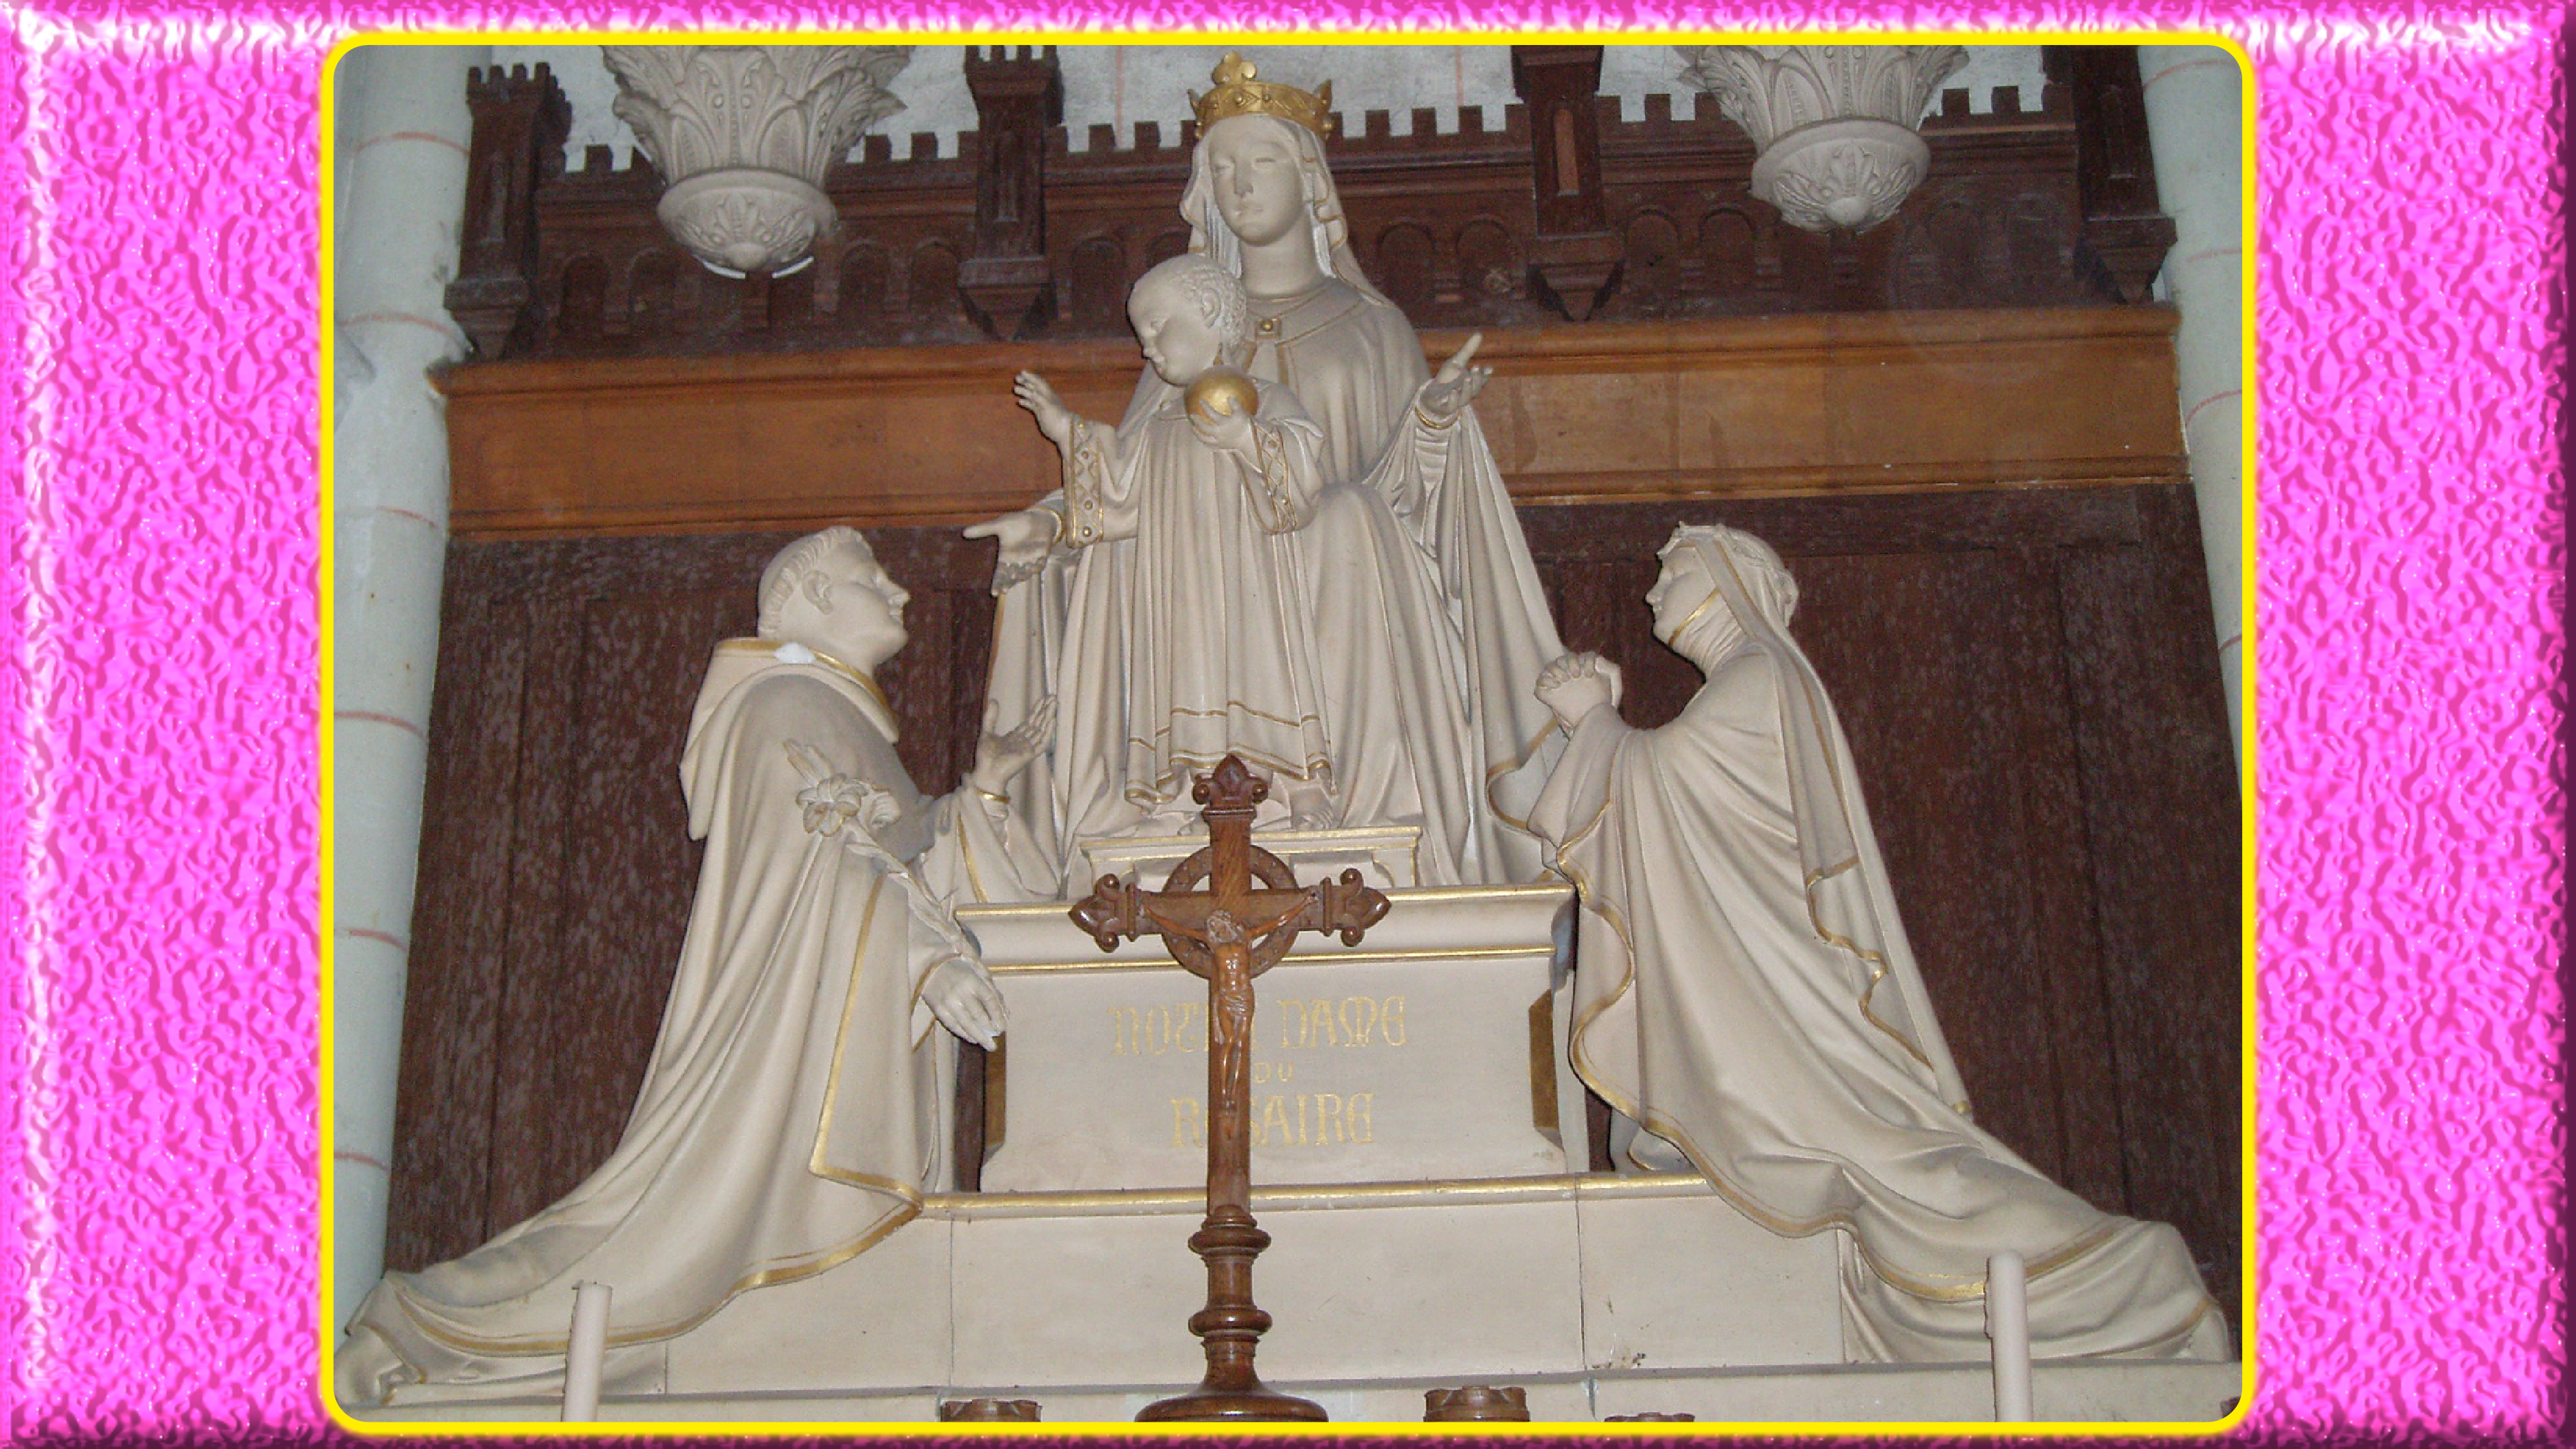 Le Rosaire en Images - Page 2 Notre-dame-du-rosaire-1-55b90ce